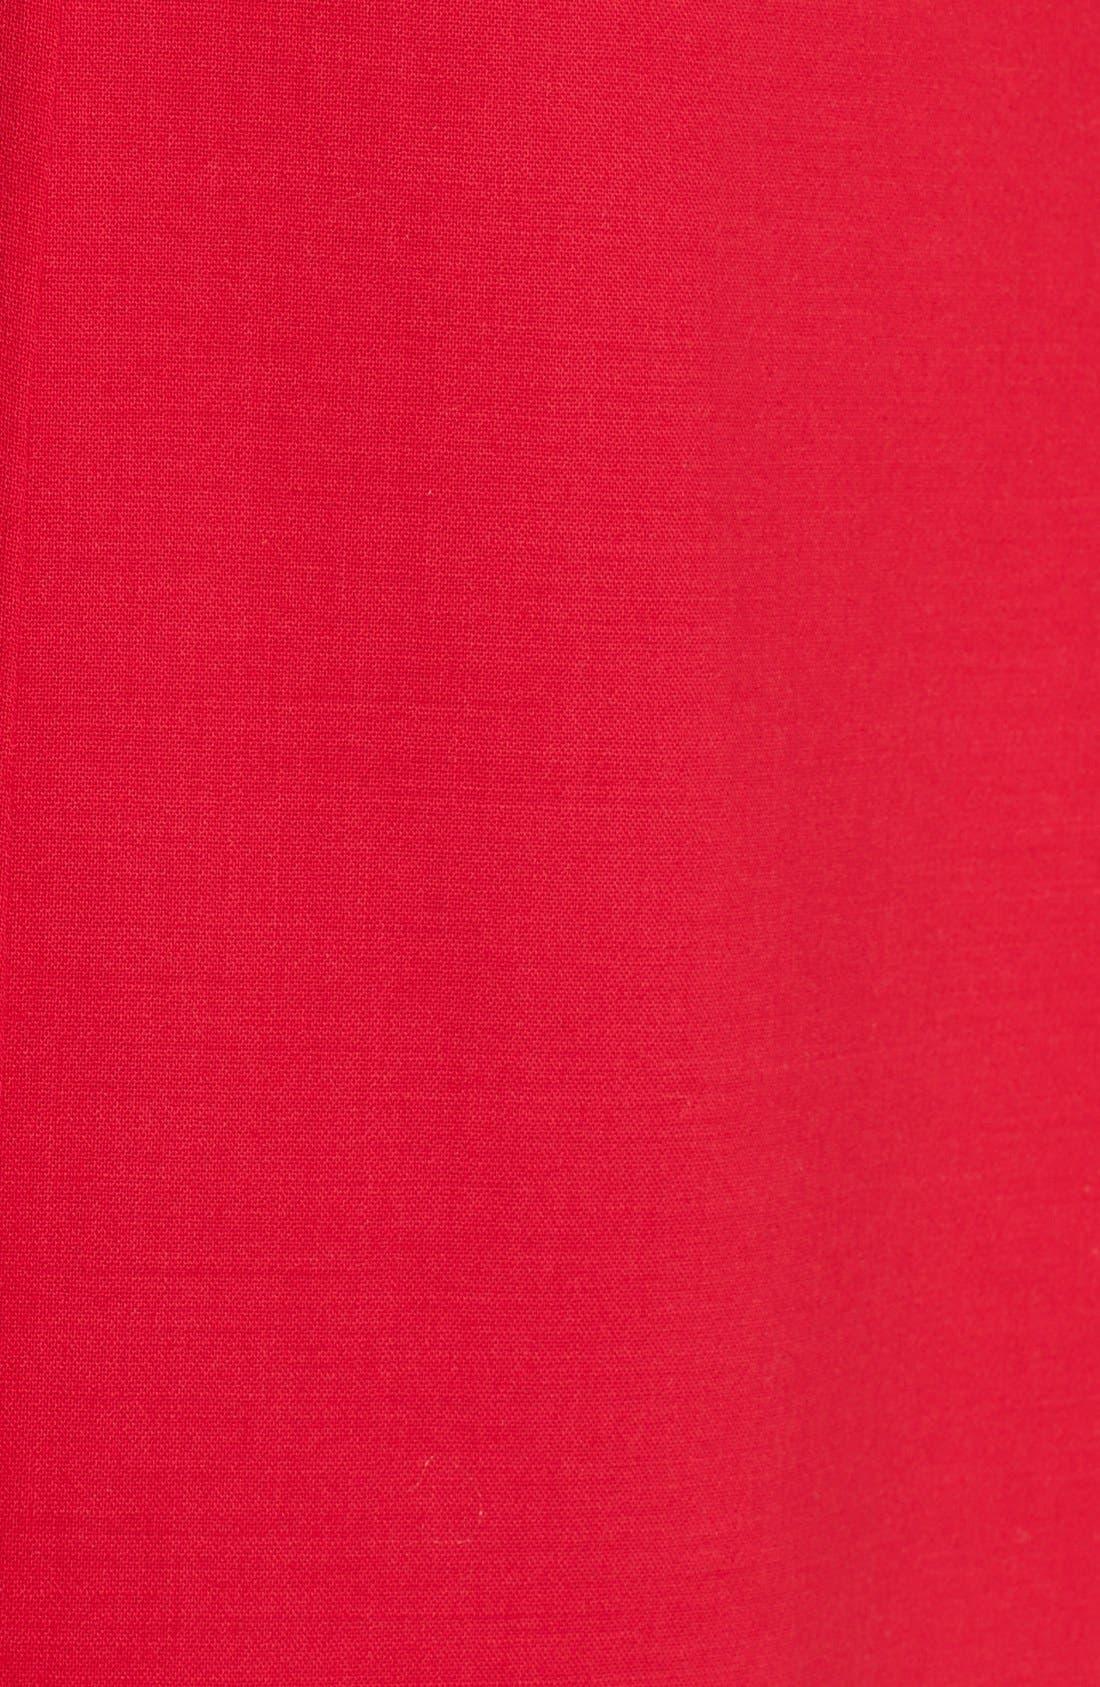 Alternate Image 3  - Oscar de la Renta Ruffle Back Pencil Dress